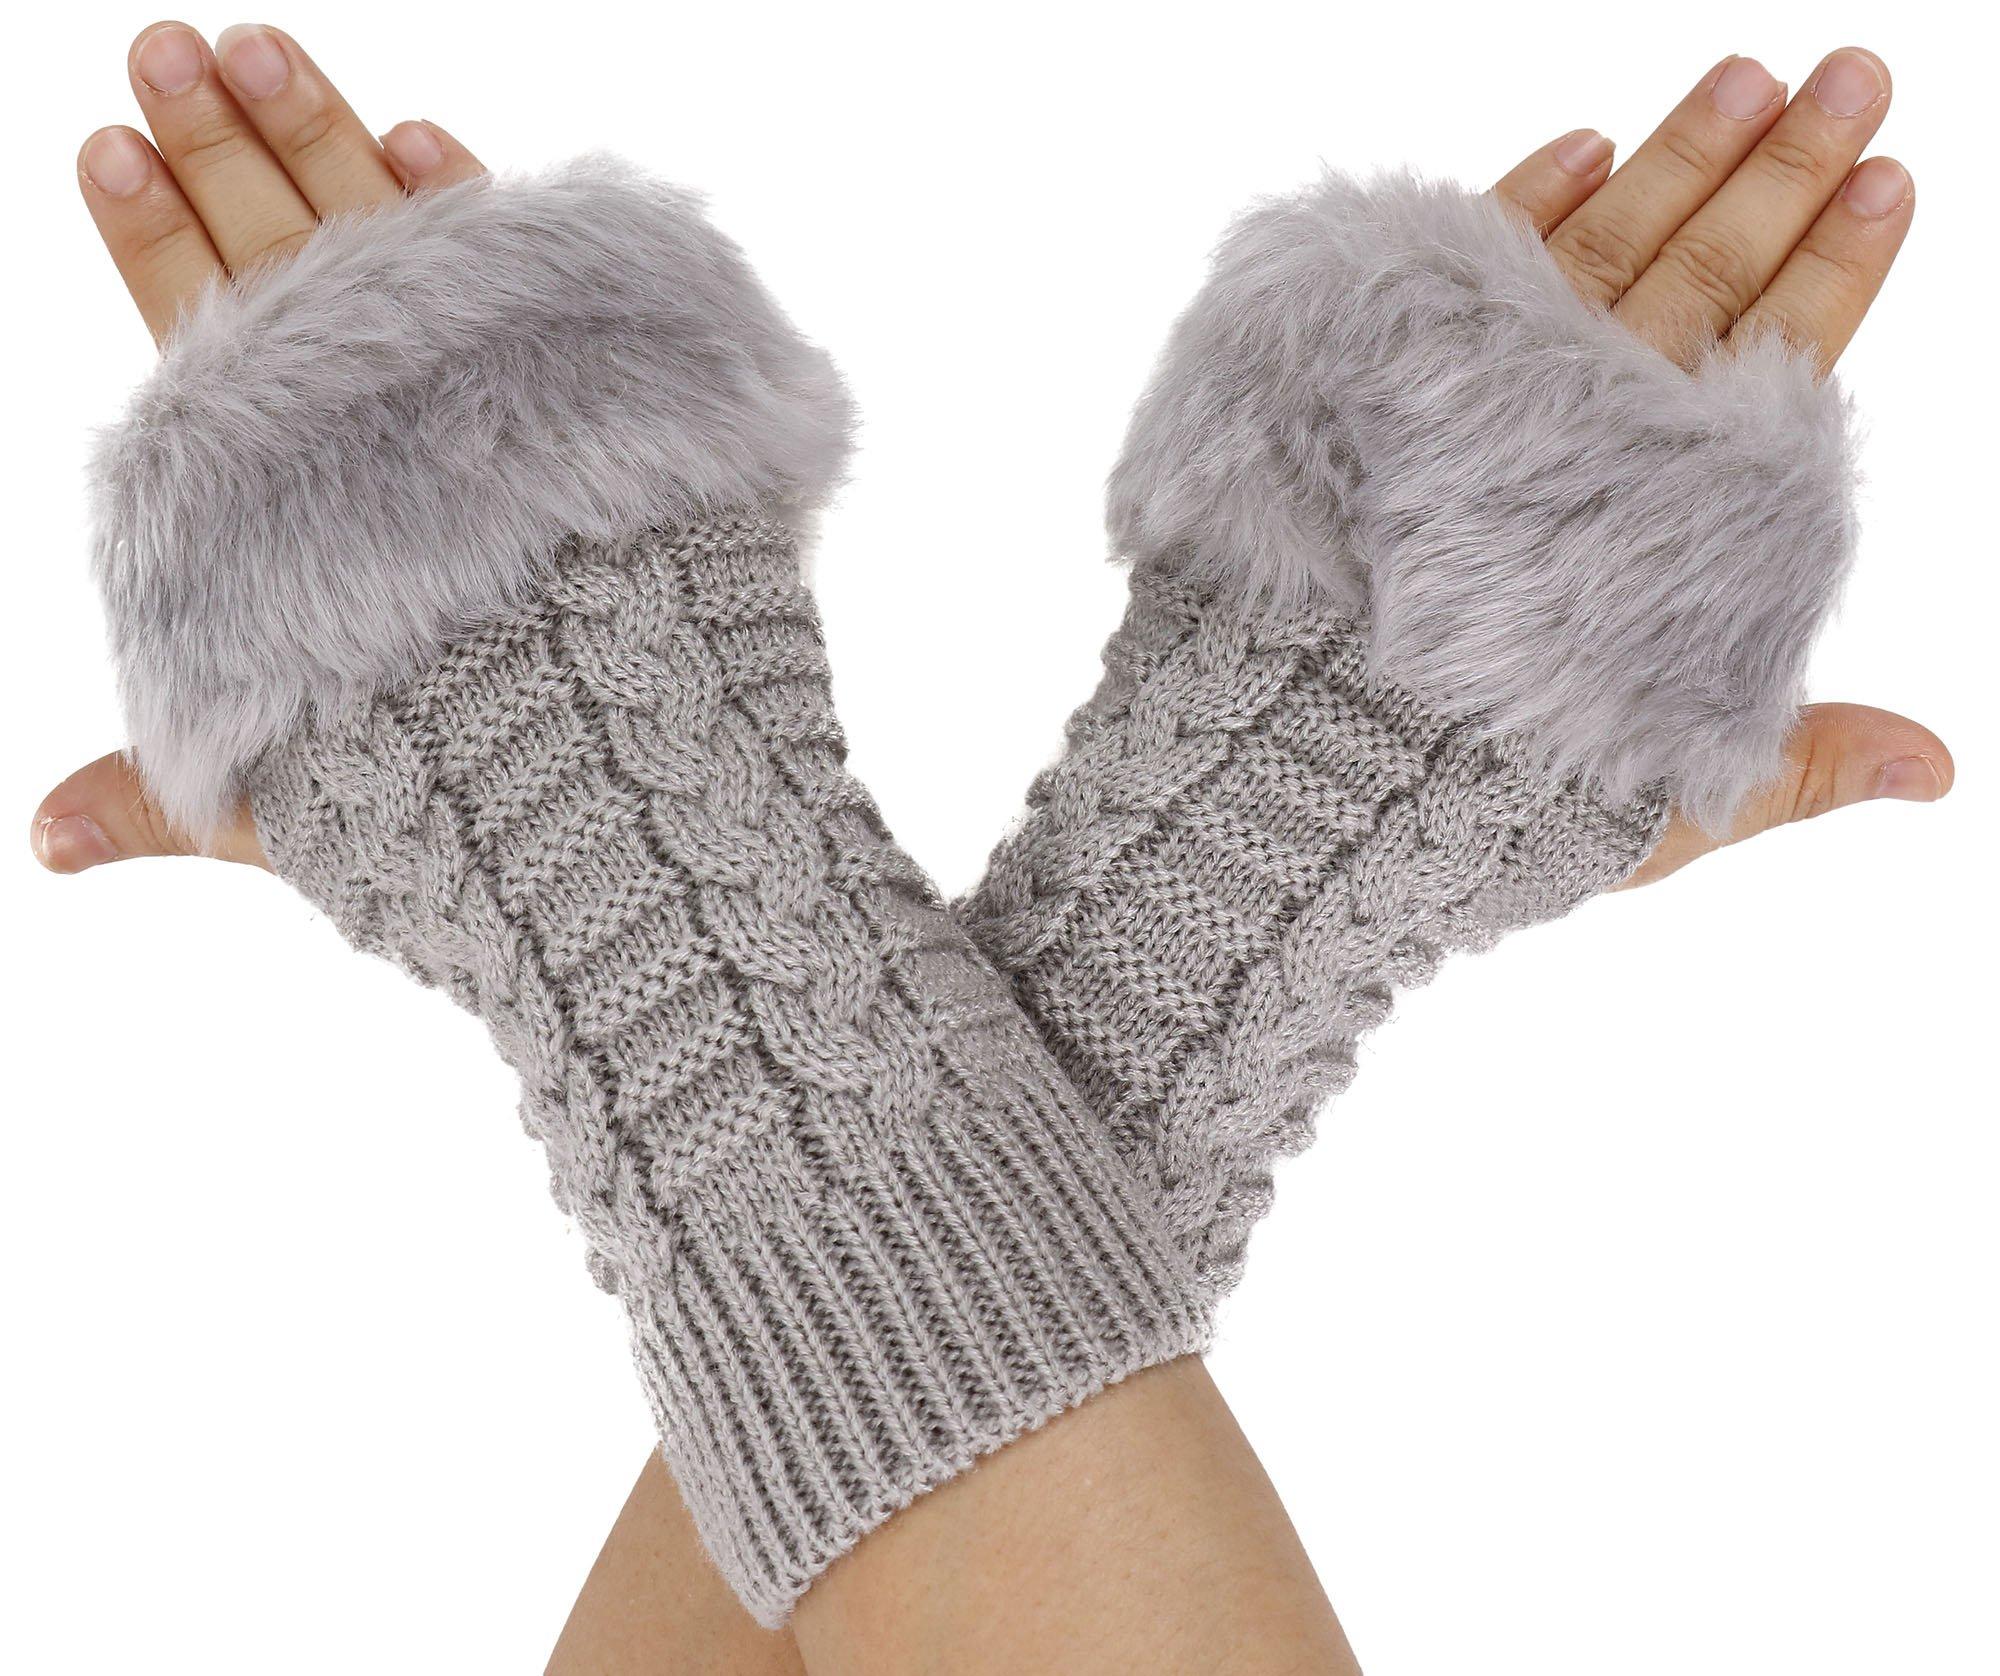 Simplicity Winter Warmer Faux Knitted Hand Wrist Fingerless Gloves, Light Grey2